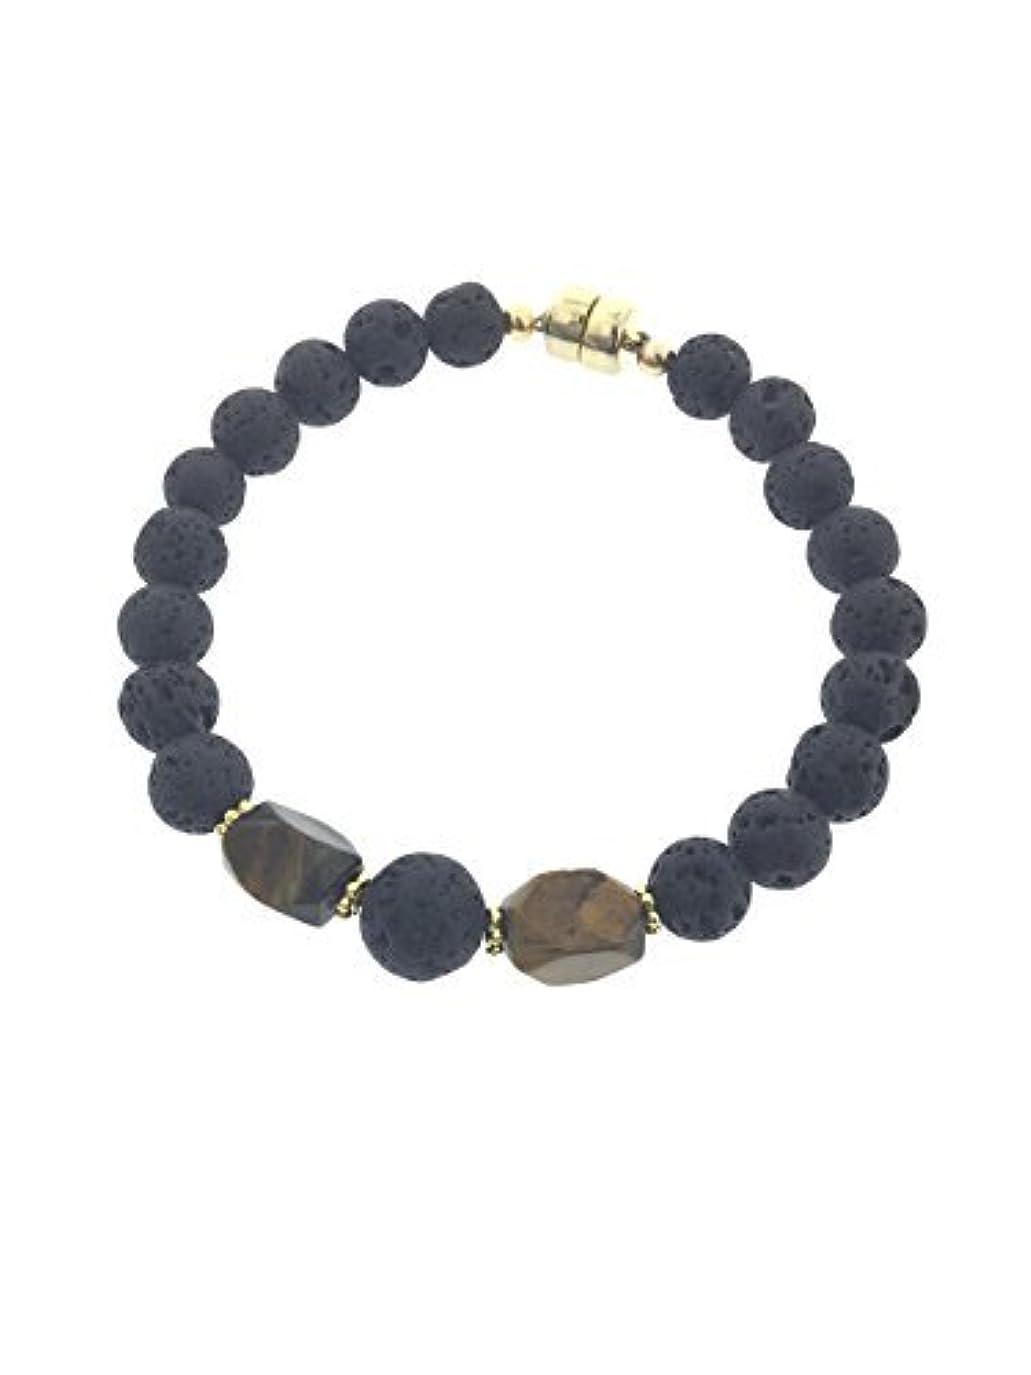 製作変形する感度Tiger-eye and Lava Essential Oil Diffuser Bracelet with Gold-Filled Rare Earth Magnetic Clasp - XLarge [並行輸入品]